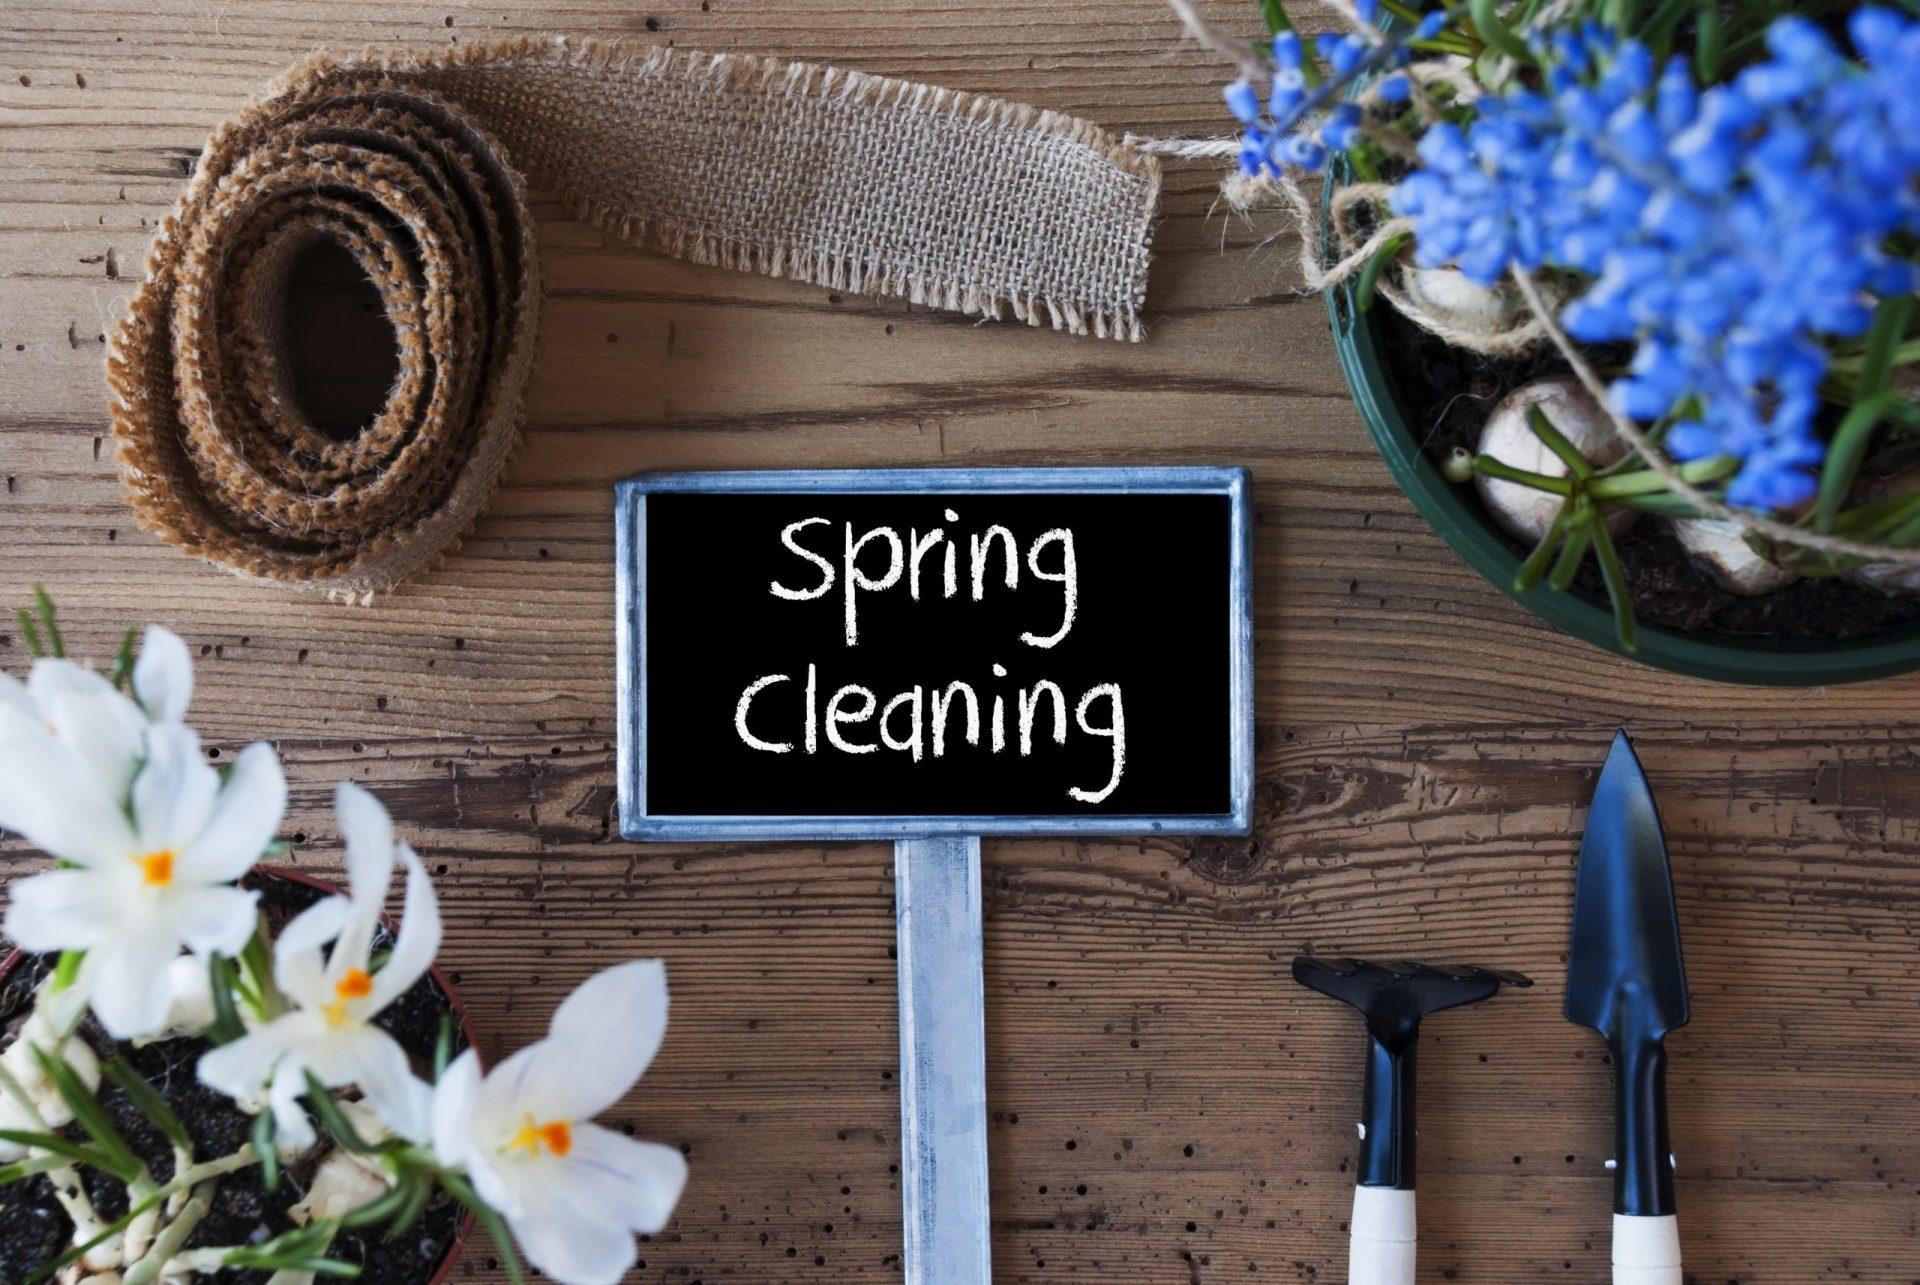 Le grand ménage de printemps